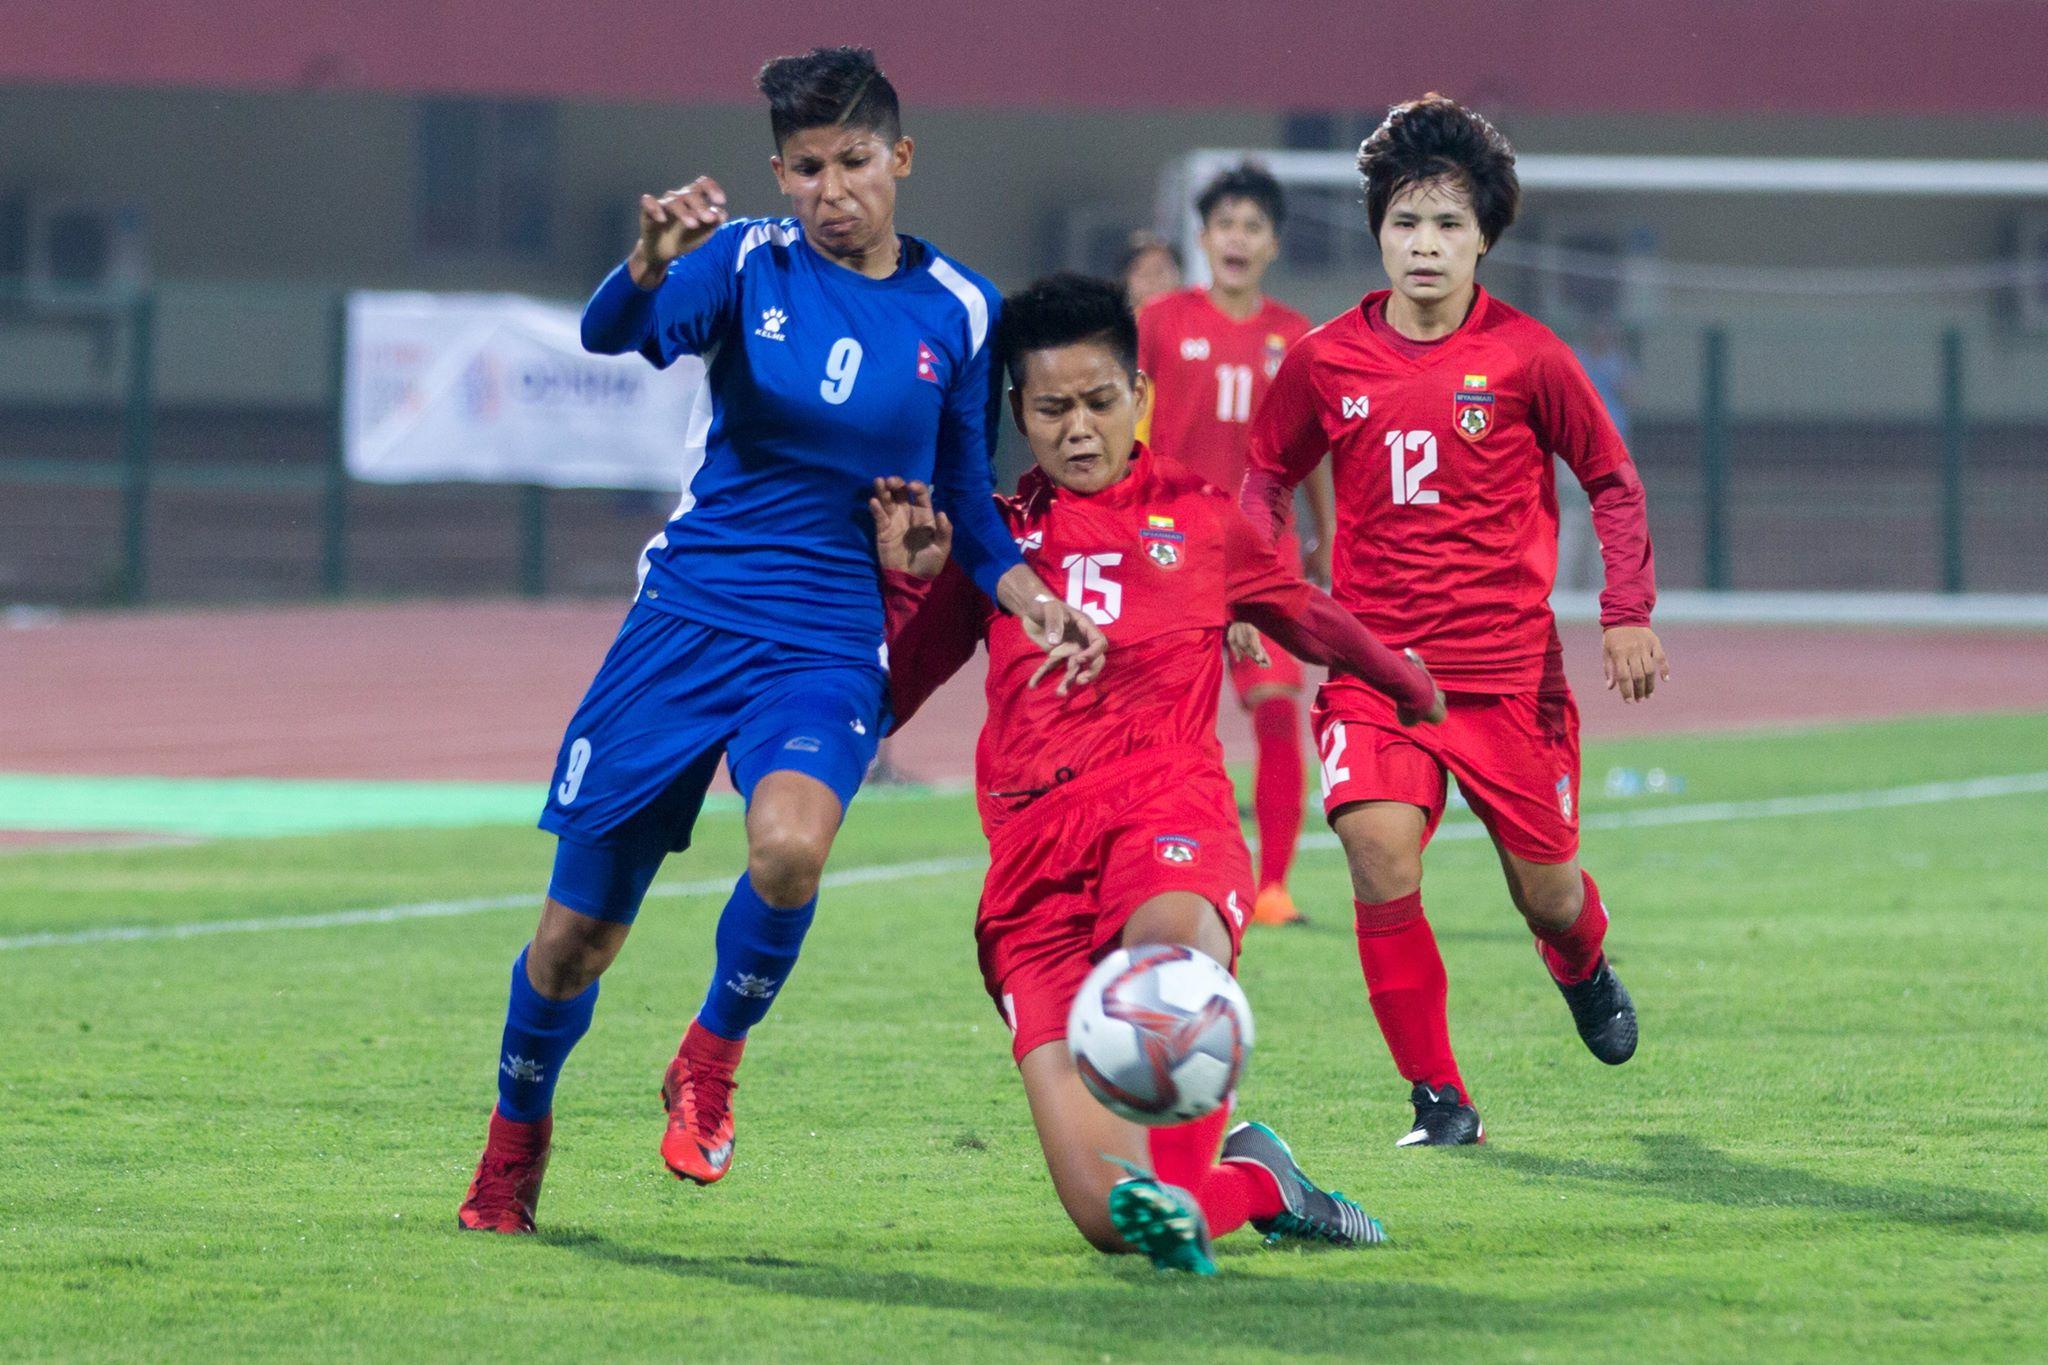 नेपाल म्यानमारसँग ३ –० ले पराजित